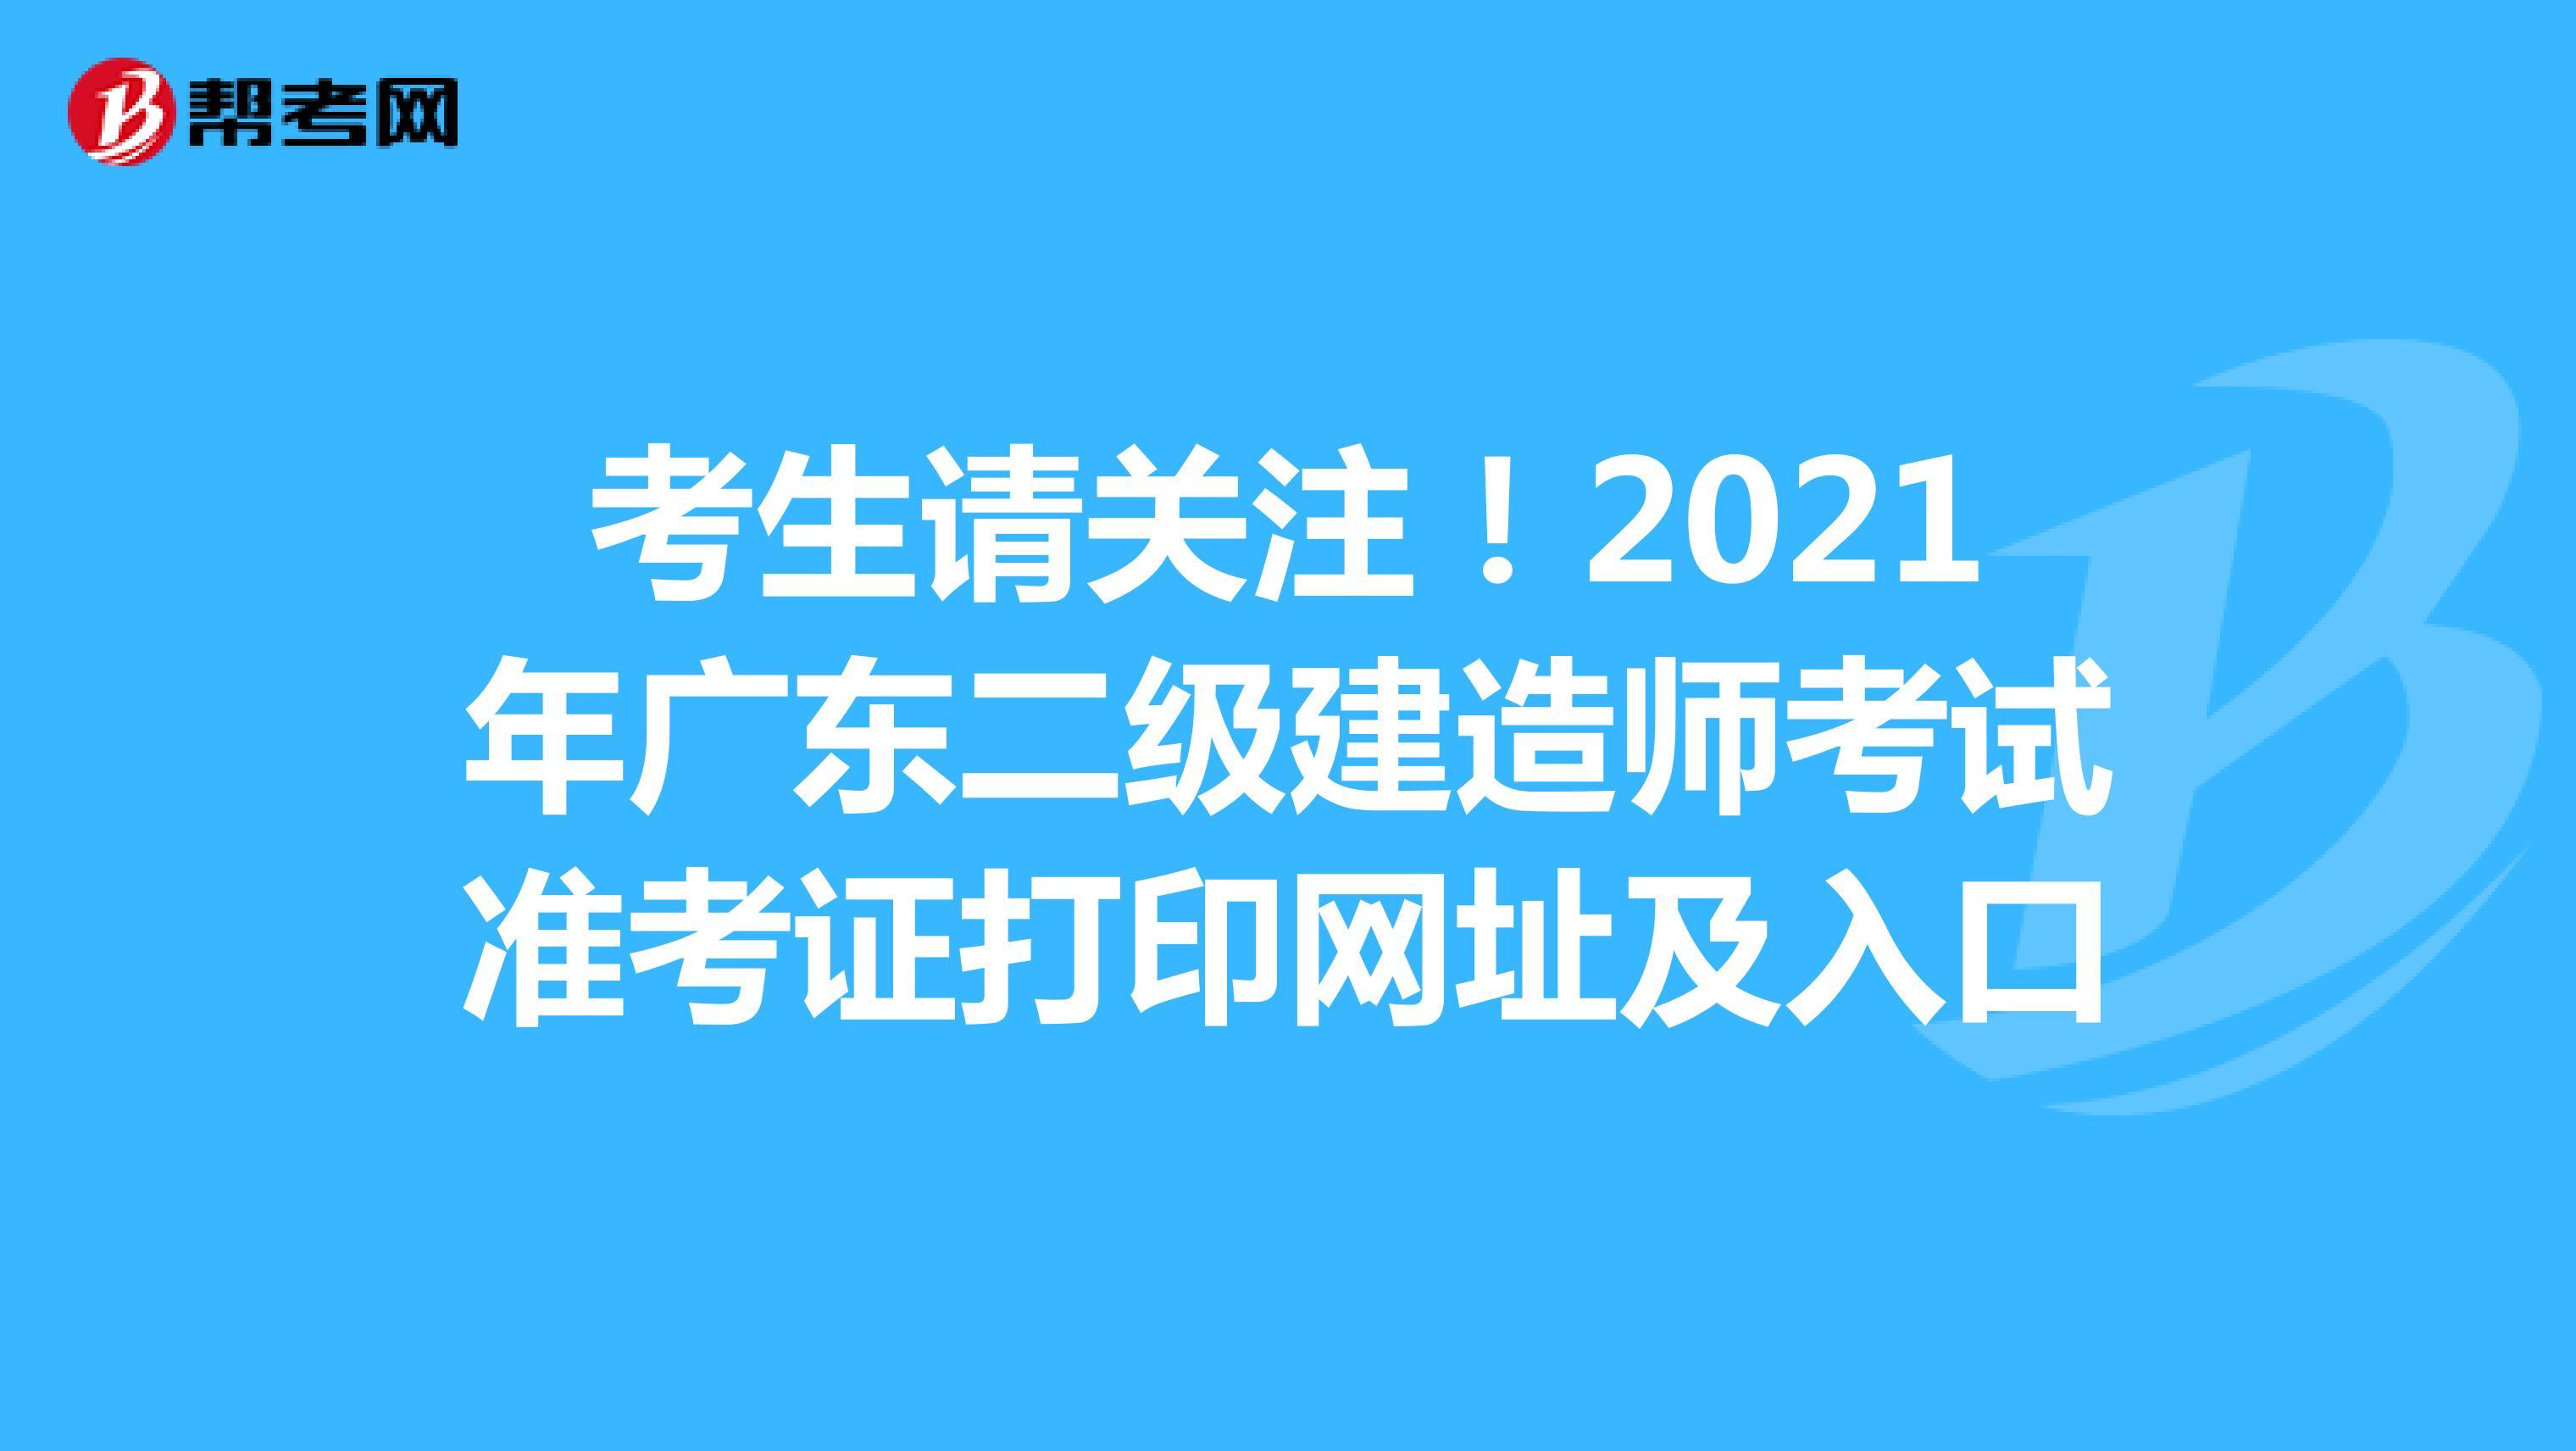 考生请关注!2021年广东(hot88体育官网)二级建造师考试准考证打印网址及入口